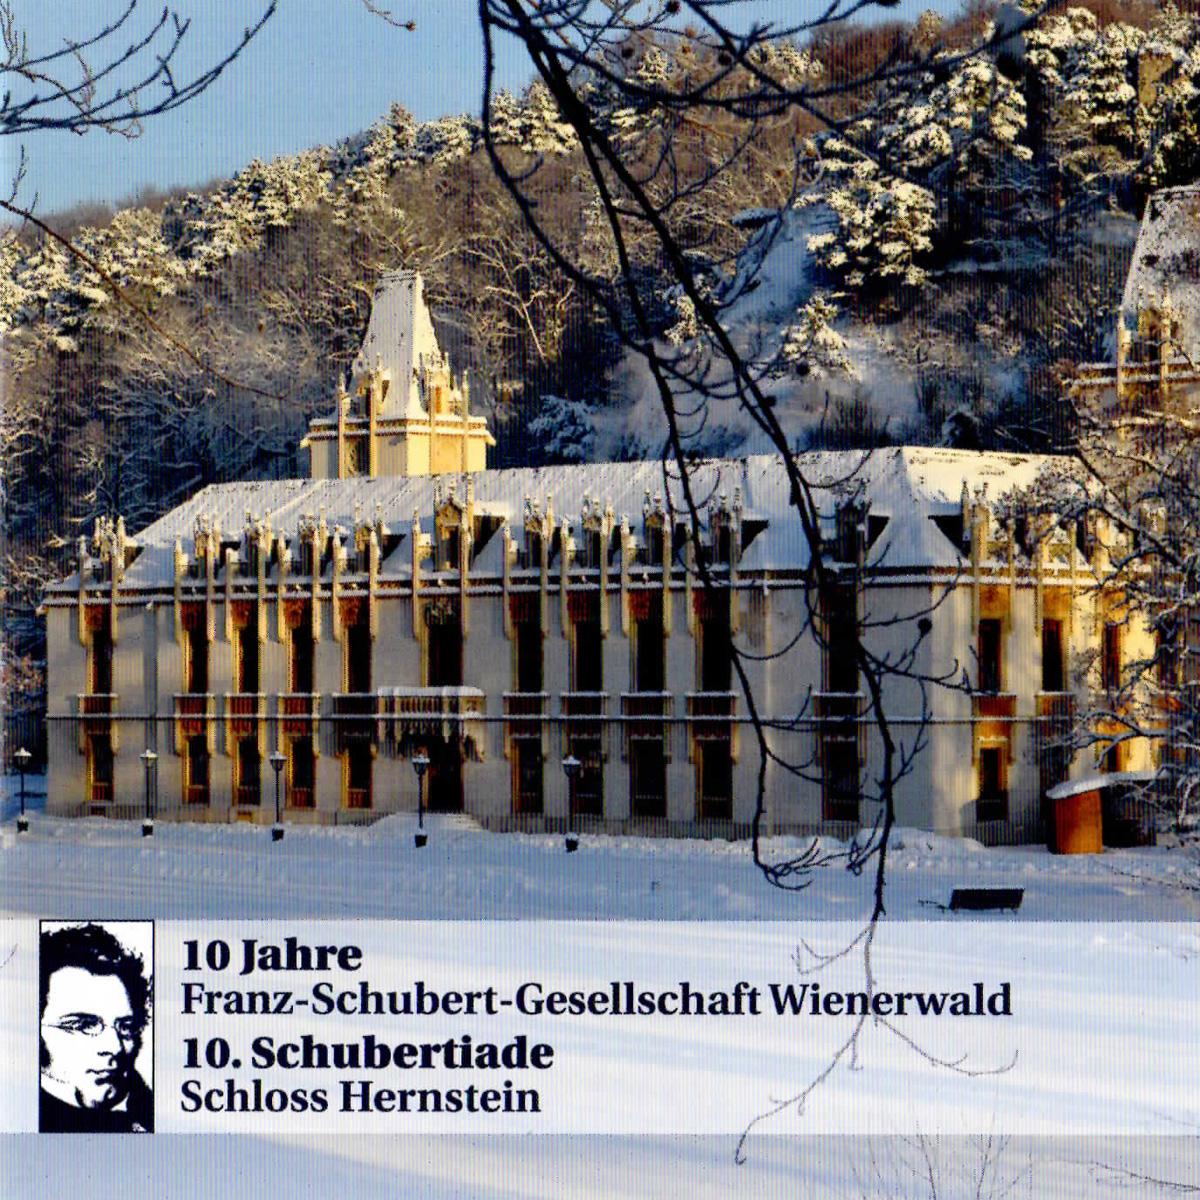 Schubertiade Schloss Hernstein